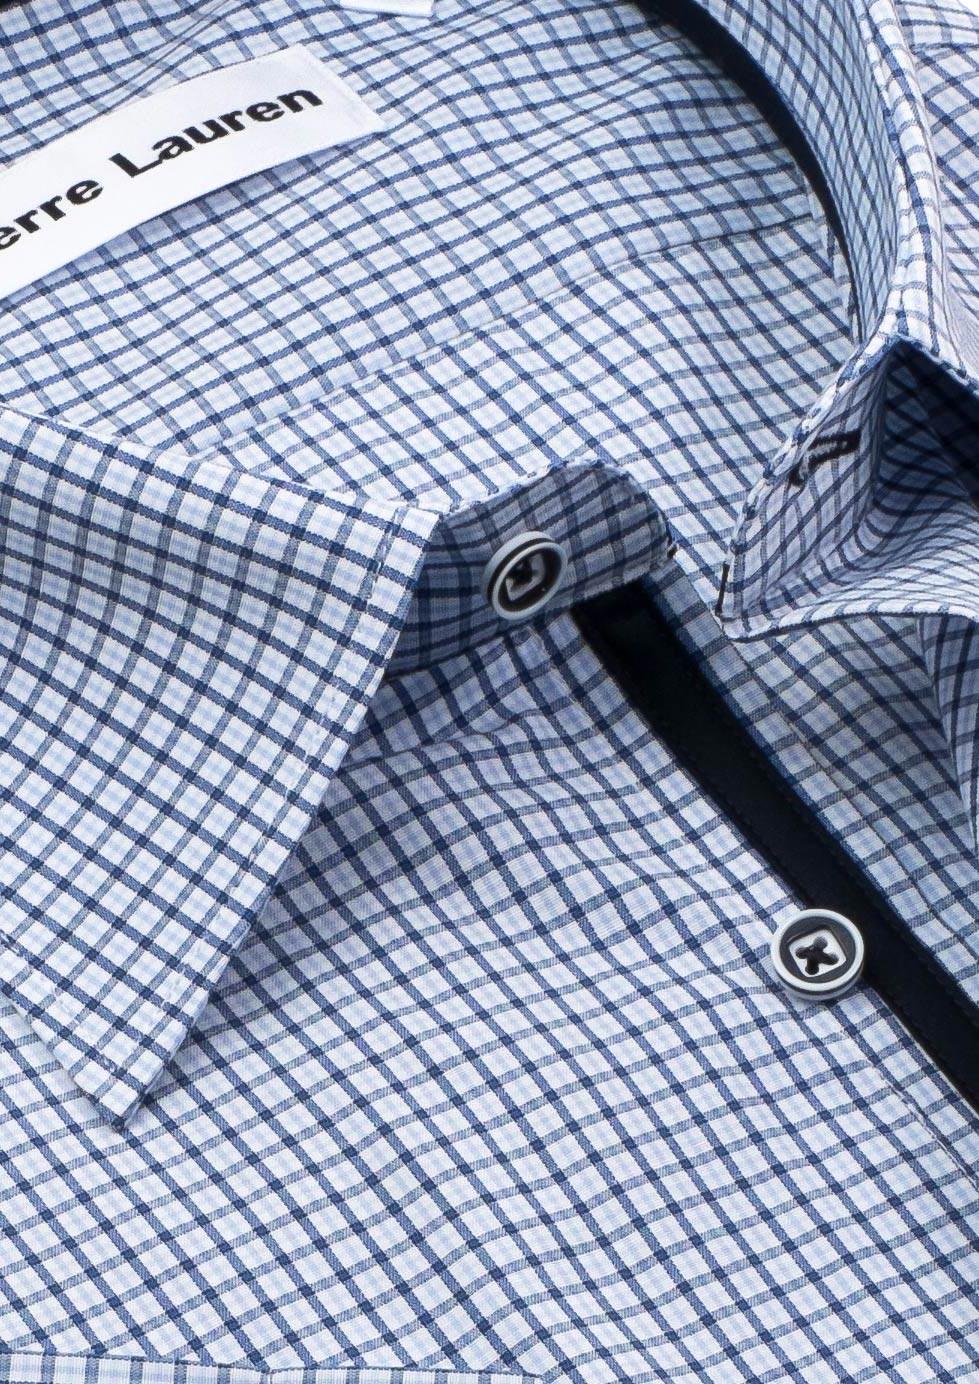 43f448d15b6 Классическая (прямая) мужская рубашка с коротким рукавом в темно-синюю  клетку